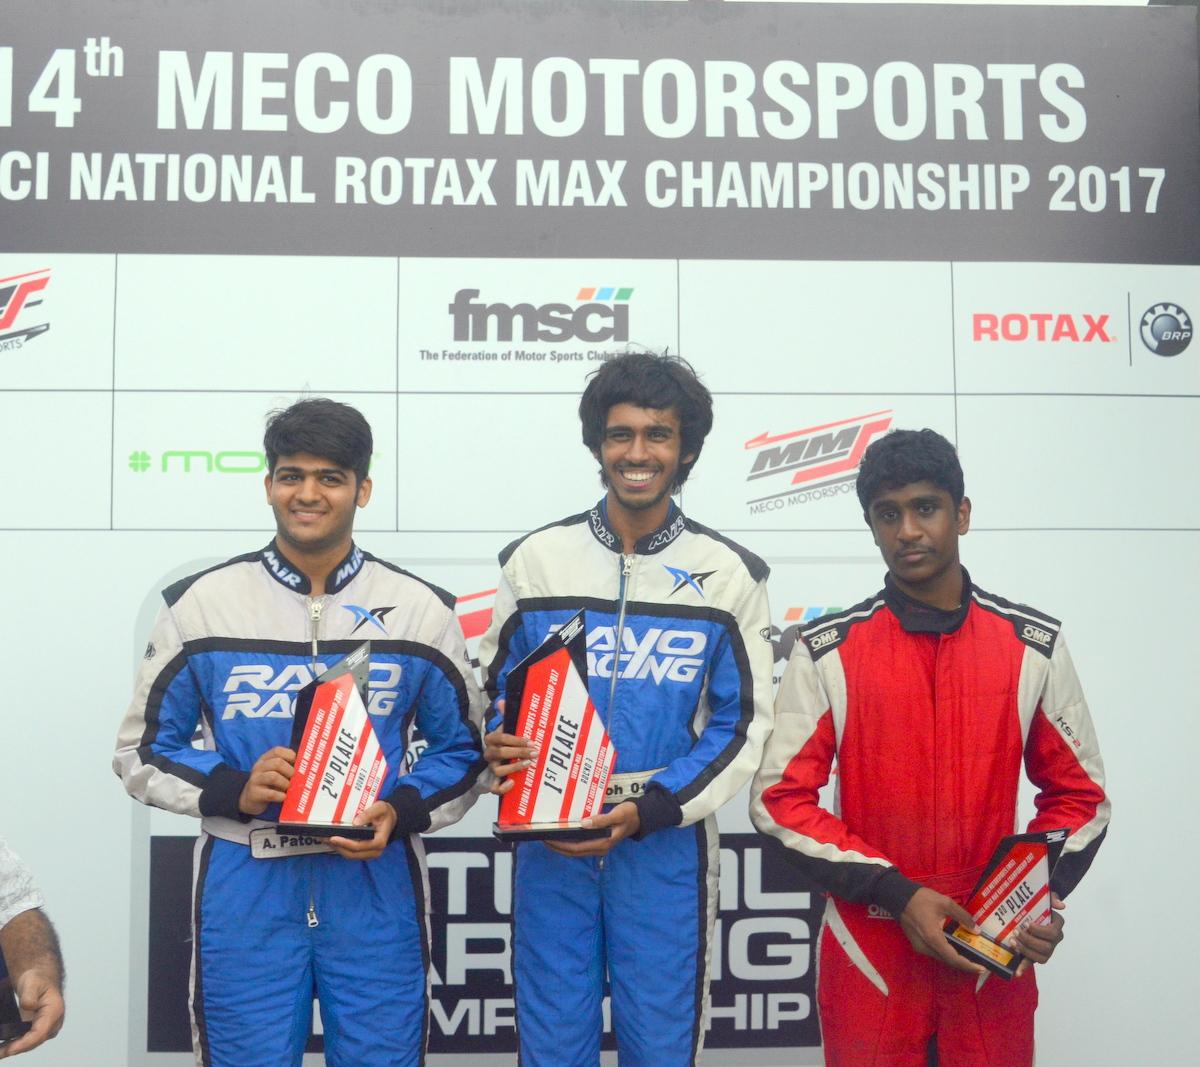 Aanjan Patodia - Rayo Racing, Aaroh Ravindra - Rayo Racing, Nirmal Umashankar - M Sport